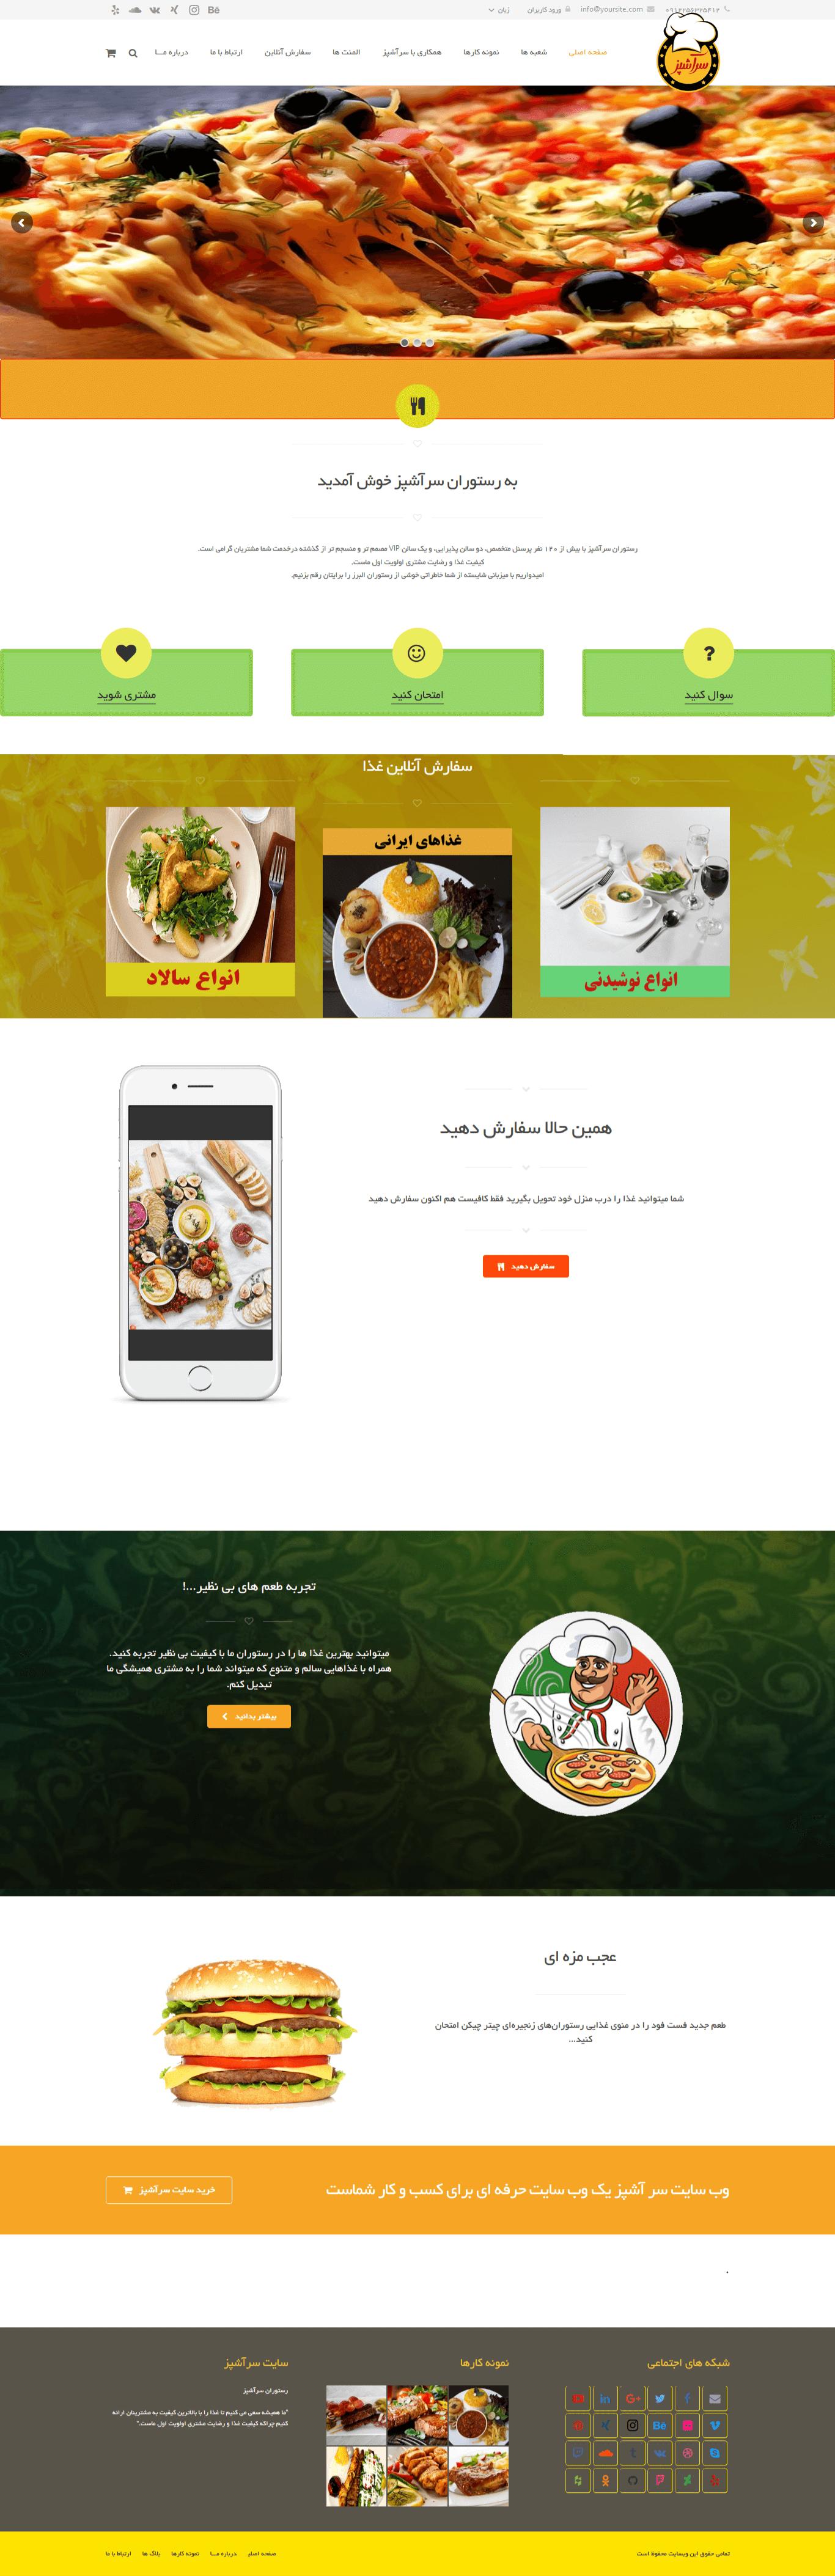 وب سایت سرآشپز